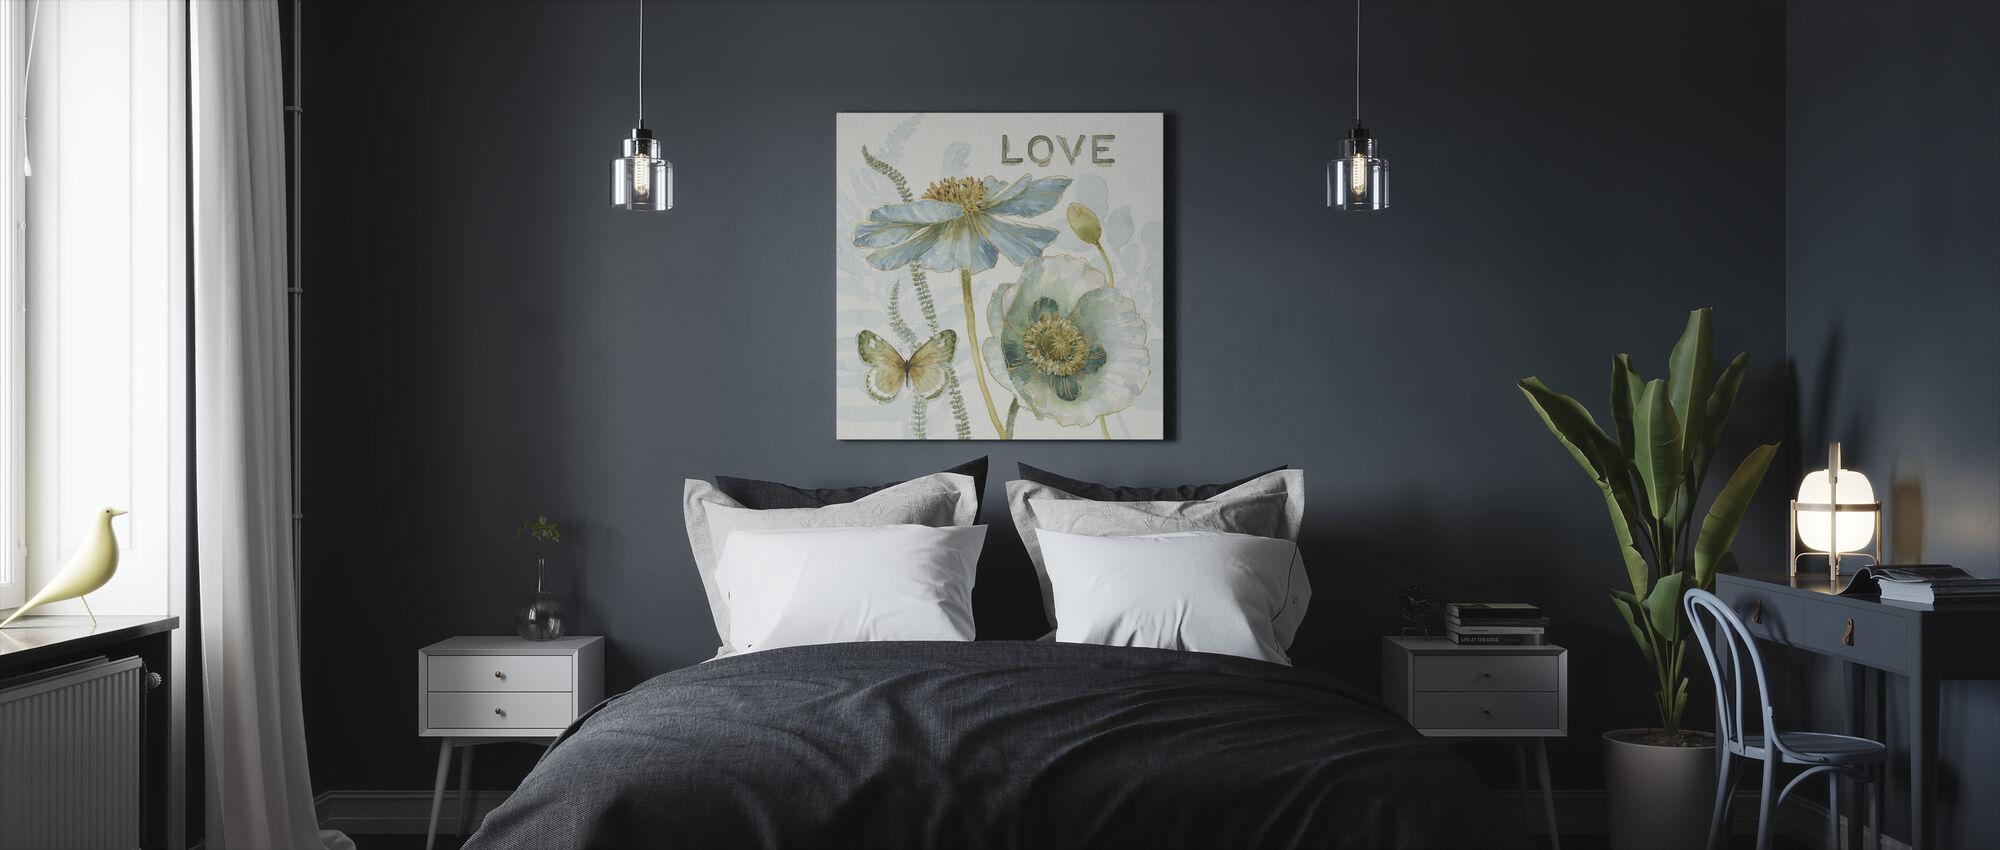 Mijn broeikas Bloemen - Liefde - Canvas print - Slaapkamer